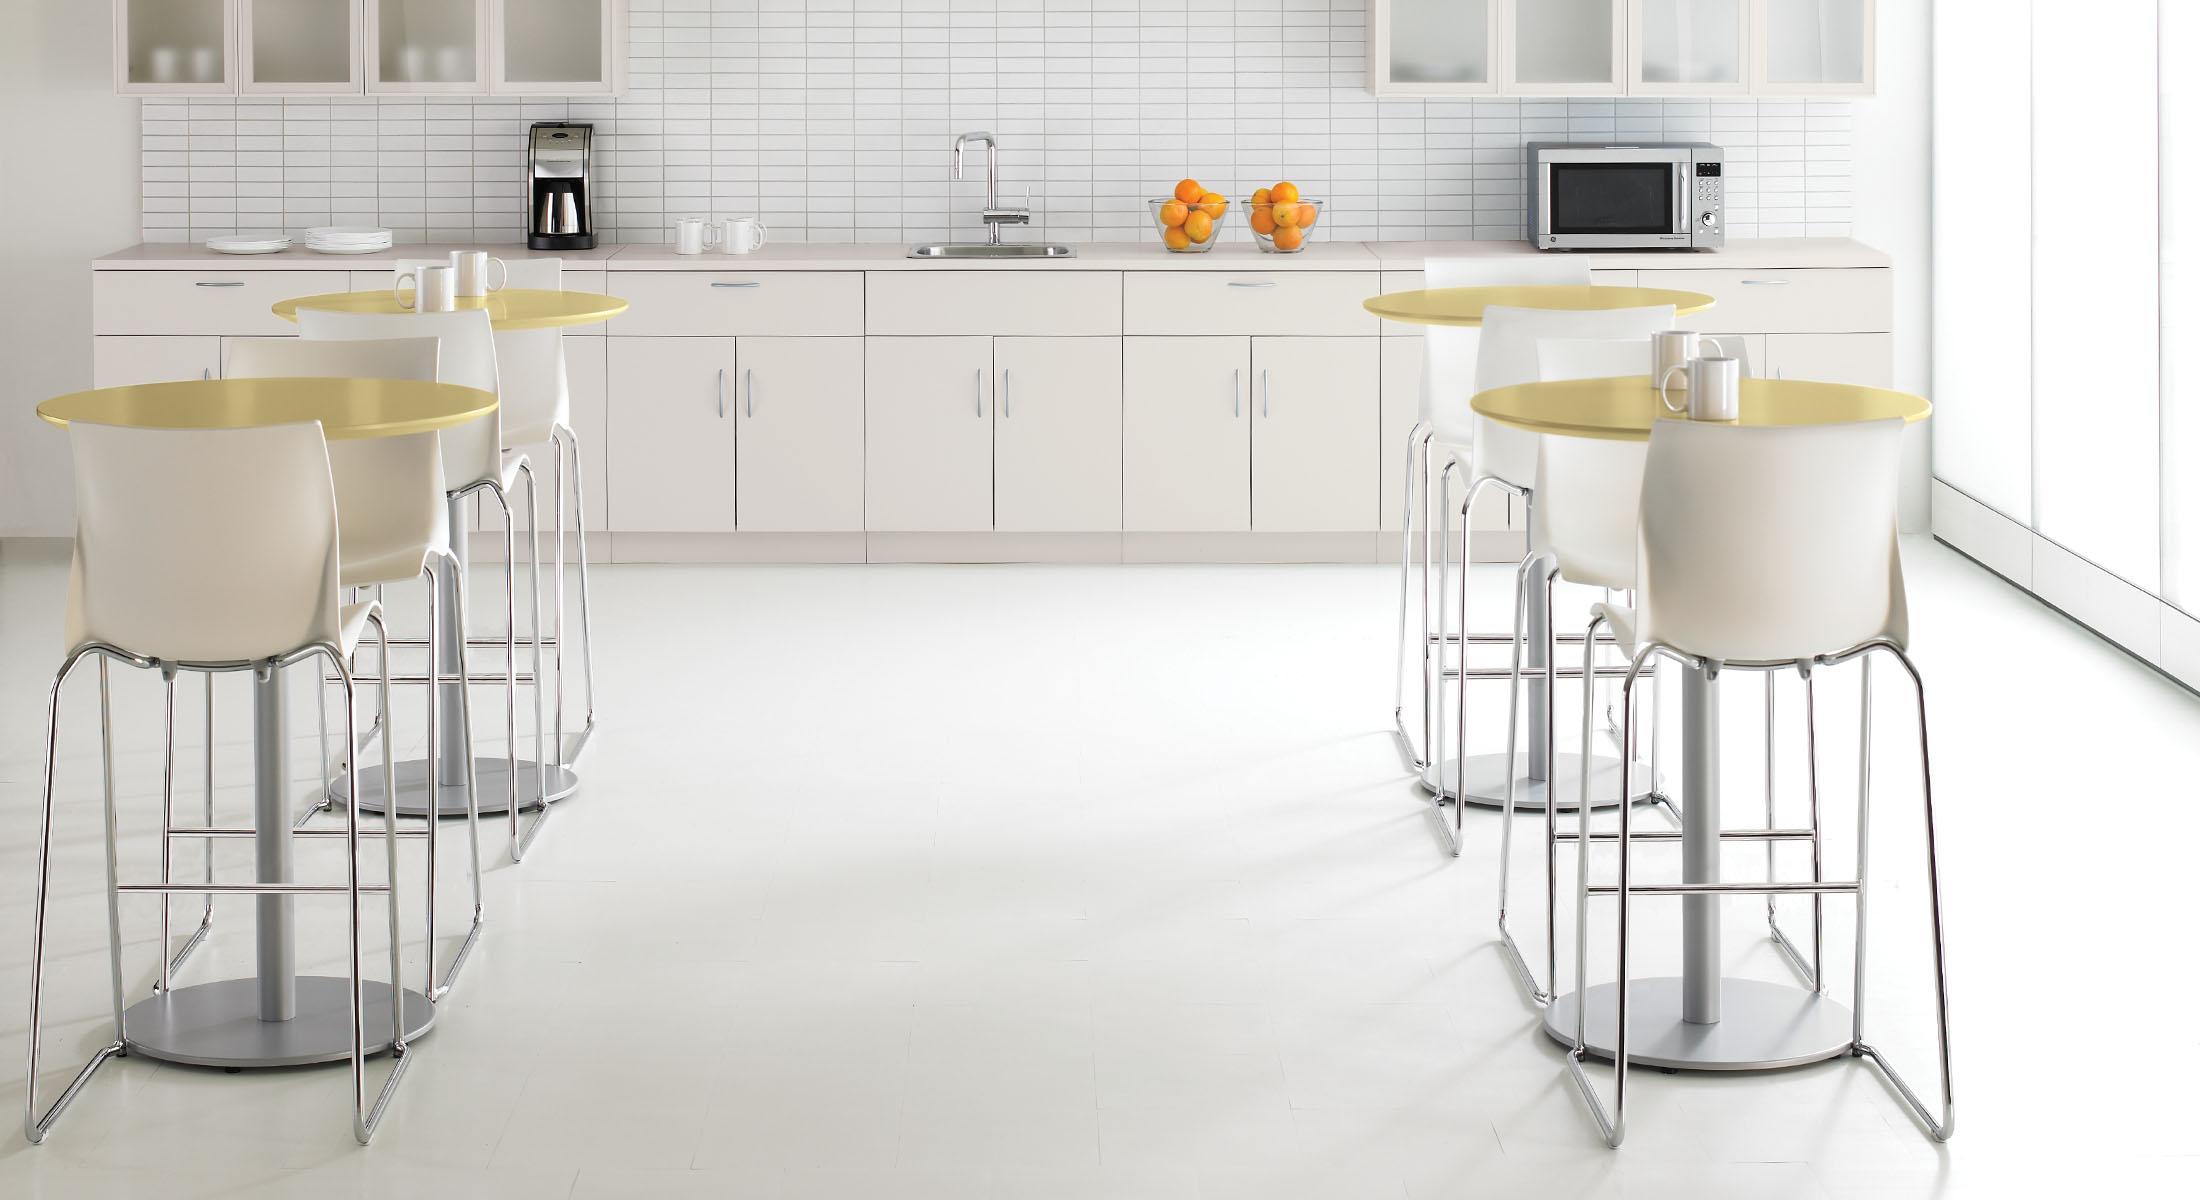 Modular Cabinets - Teknion Office Furniture